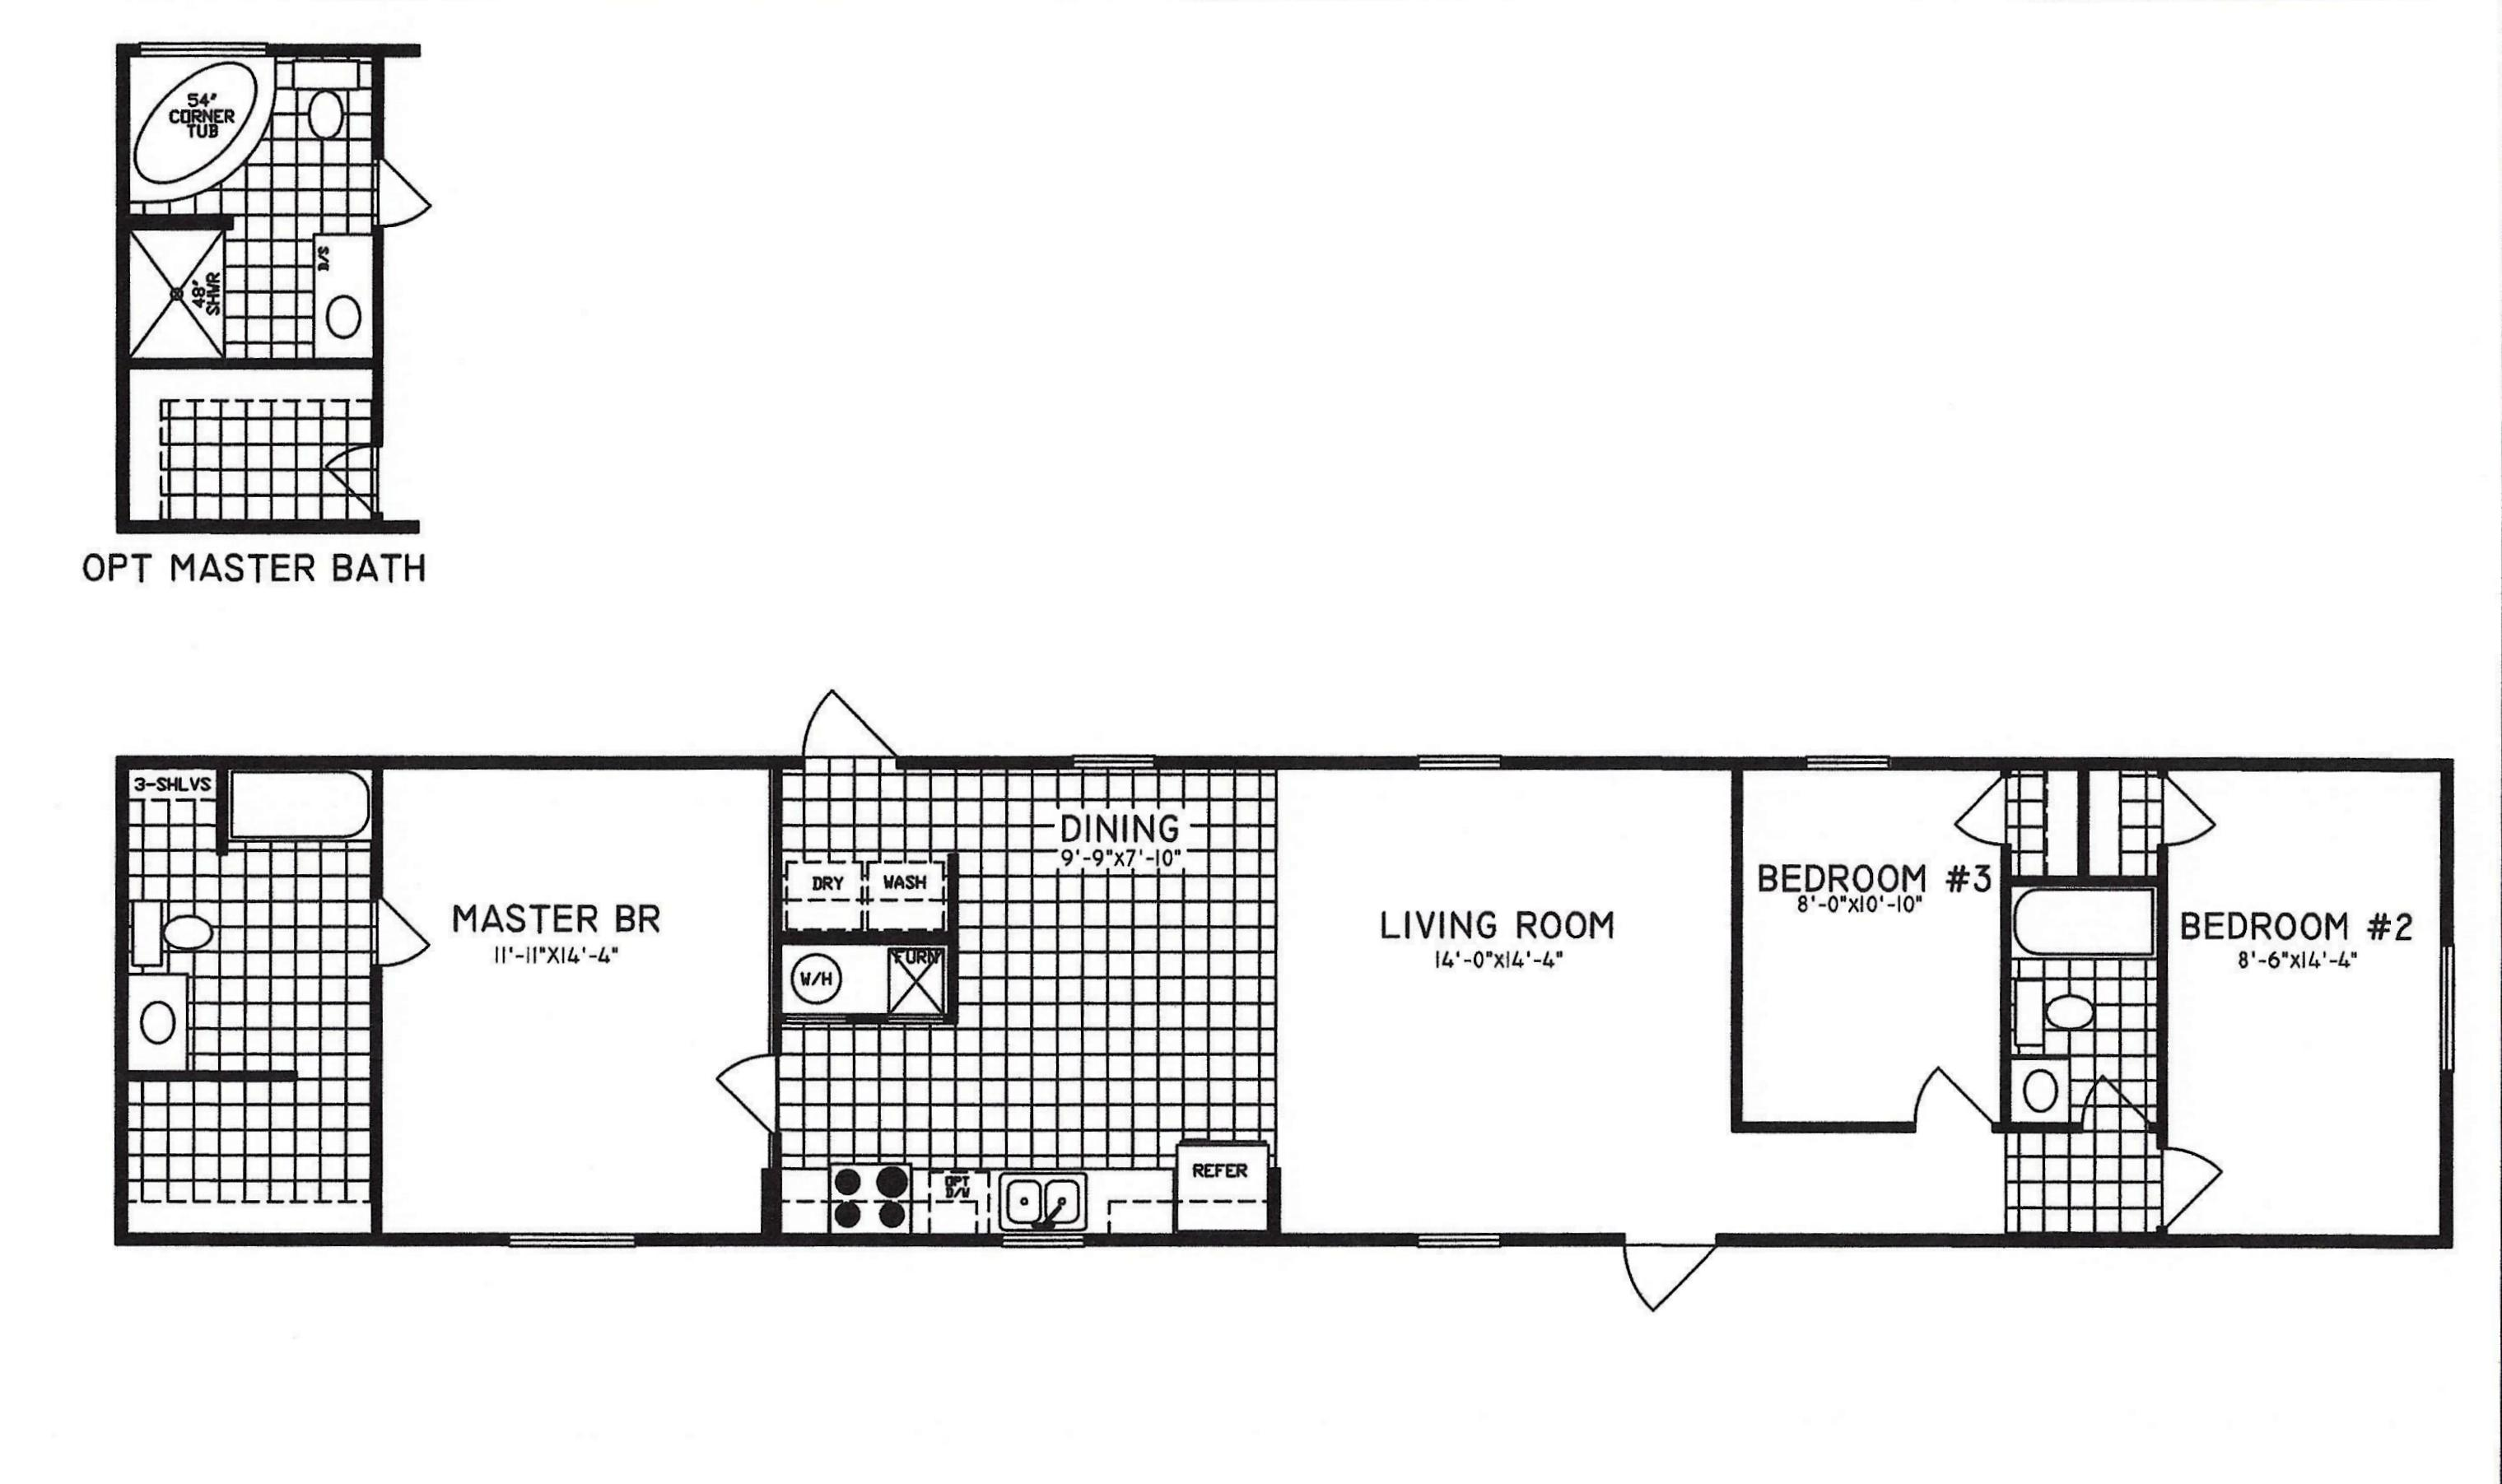 3 bedroom floor plan c 8001 hawks homes manufactured 3 bedroom modular home floor plans